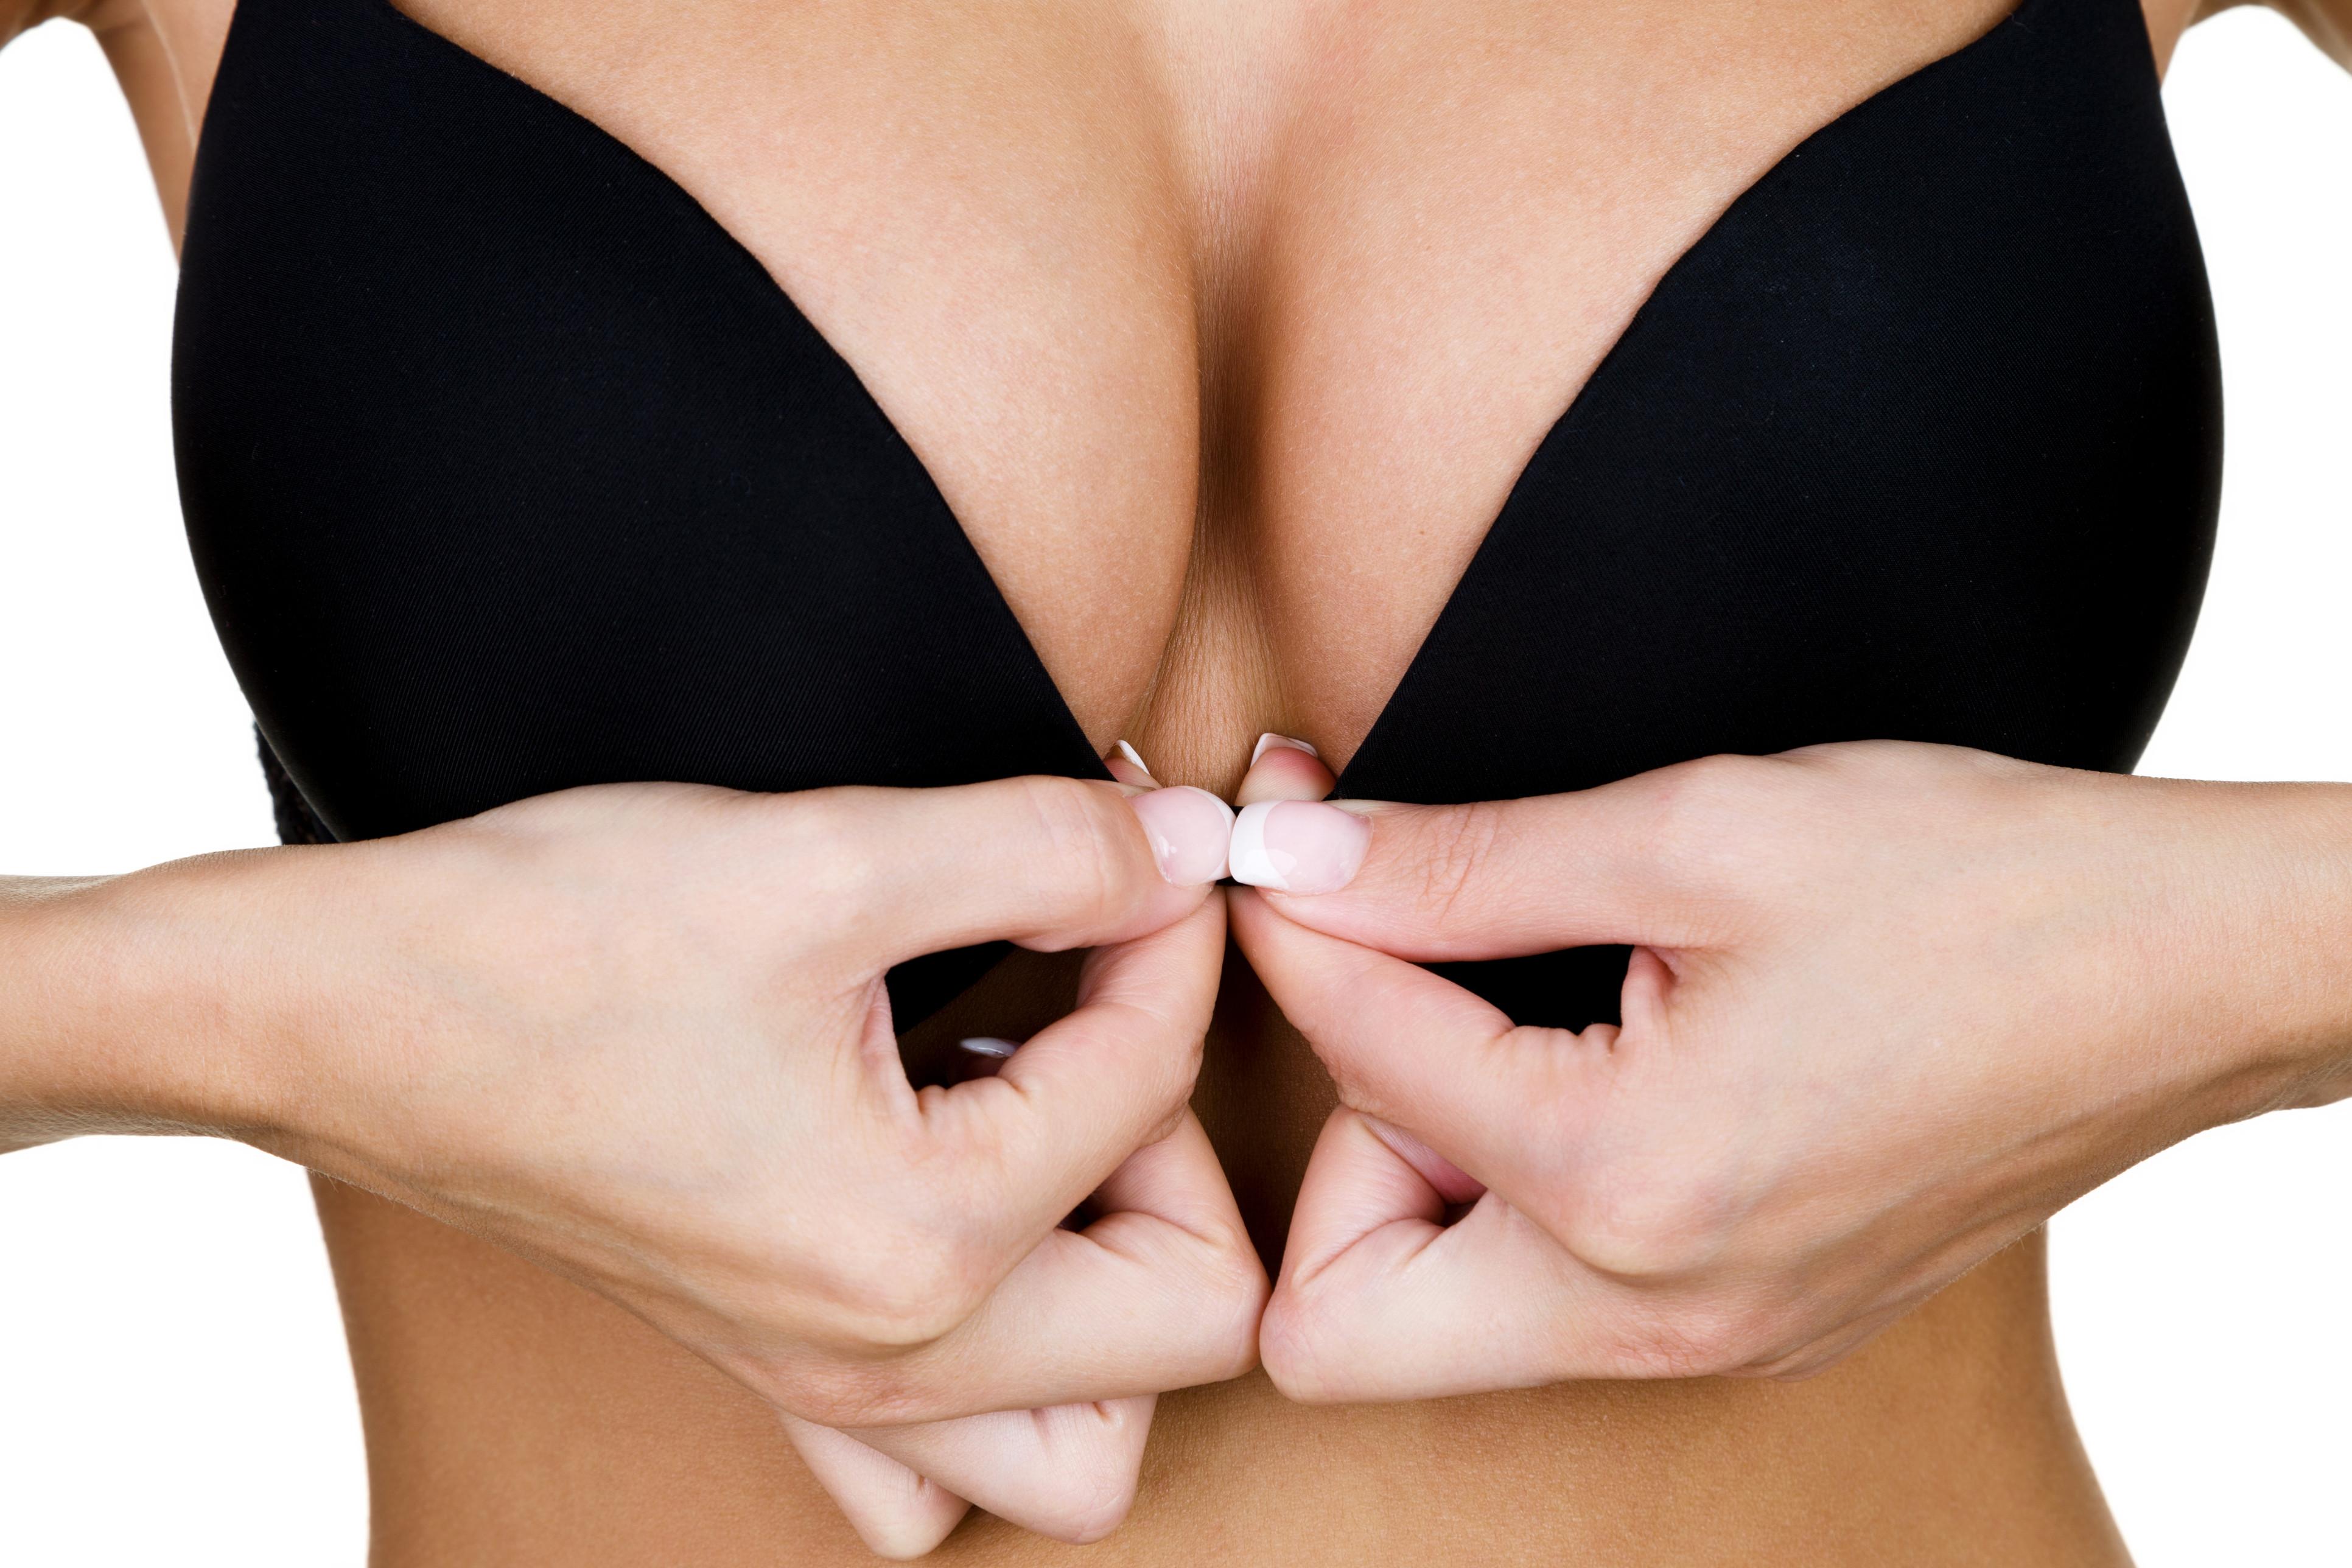 Nove mulheres morrem com cancro da mama raro devido a implantes